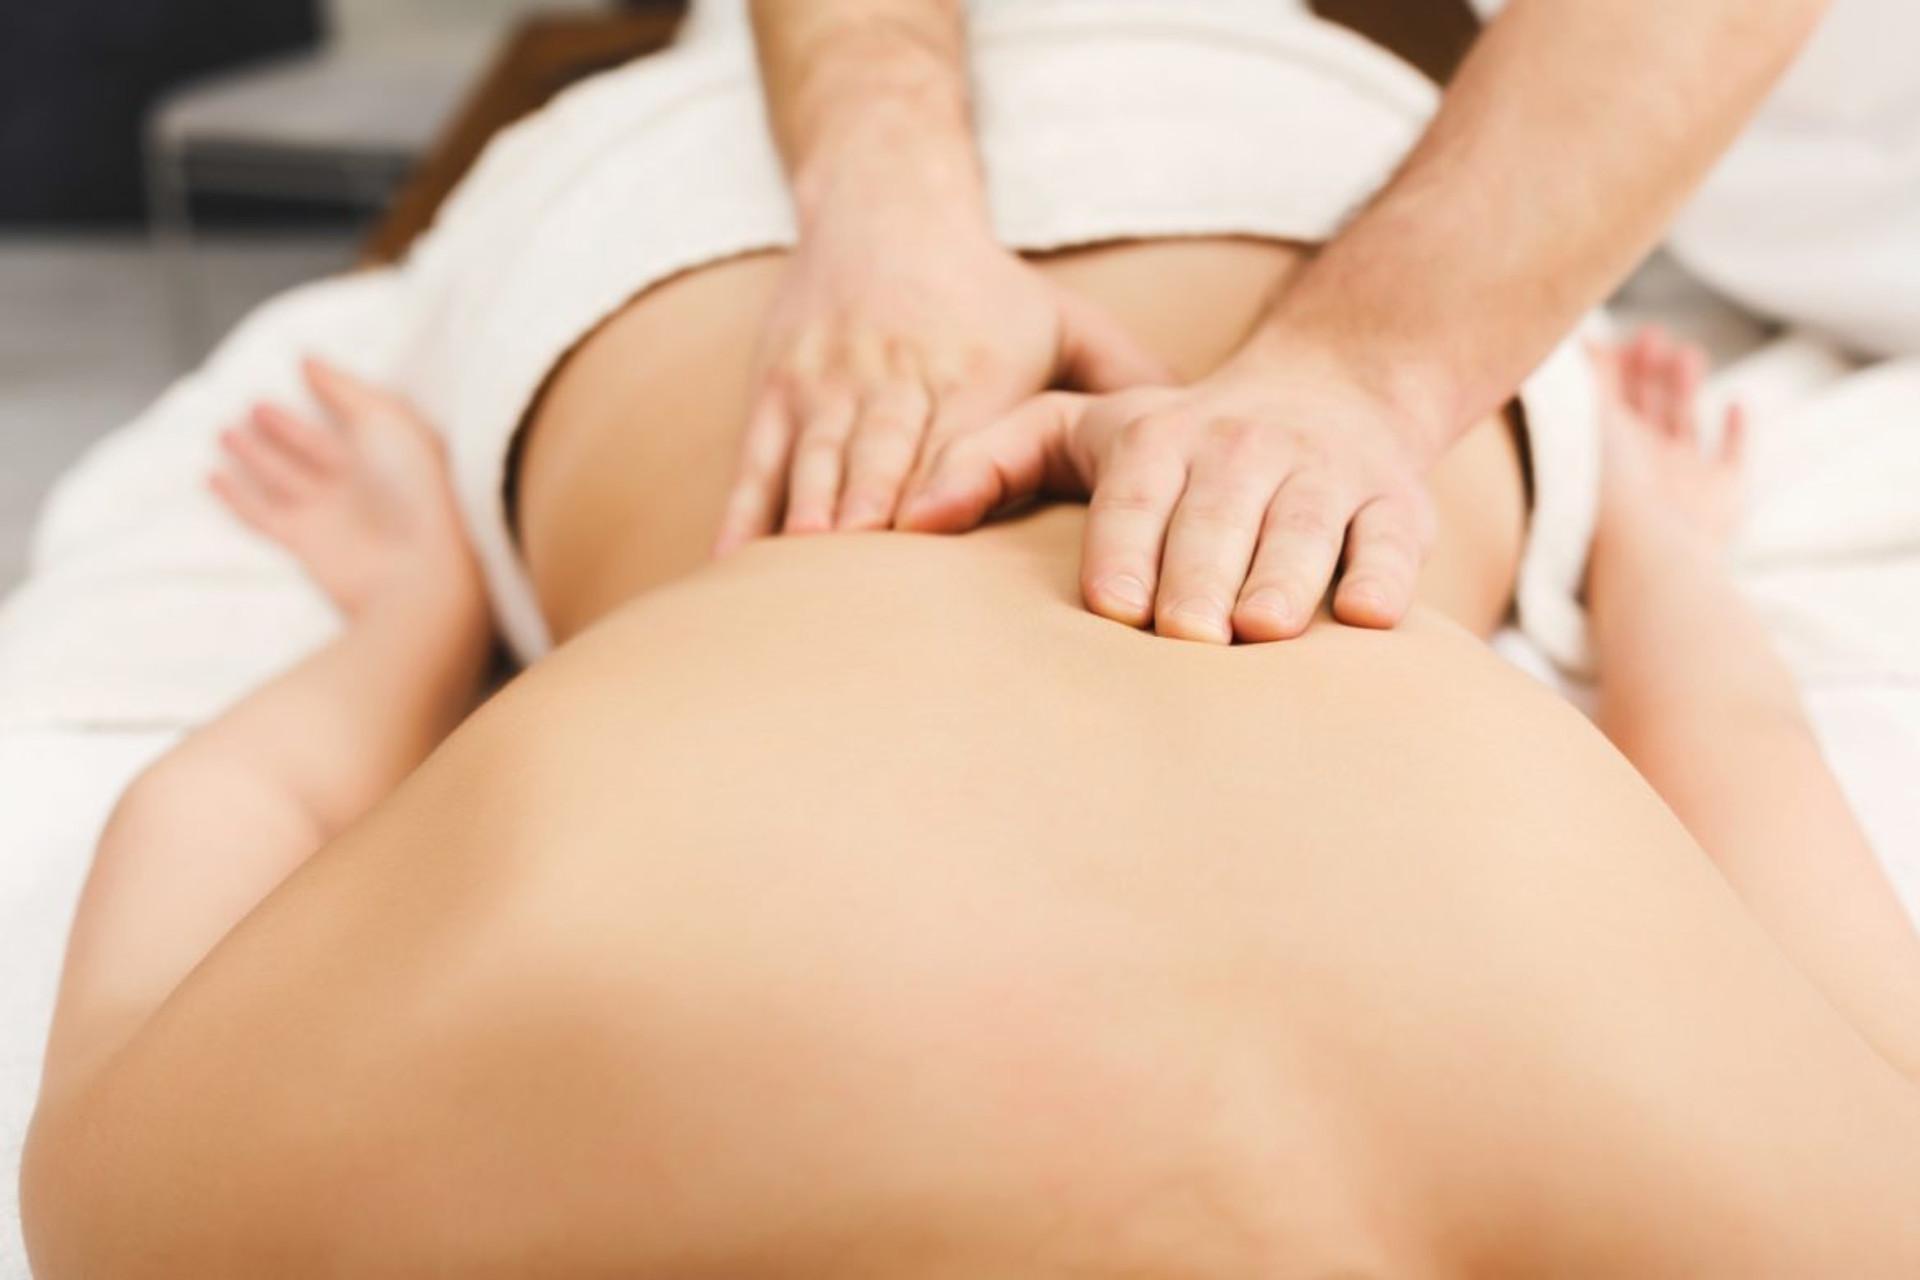 Mal di schiena e dolore cervicale? Grazie alla fisioterapia si può evitare la chirurgia